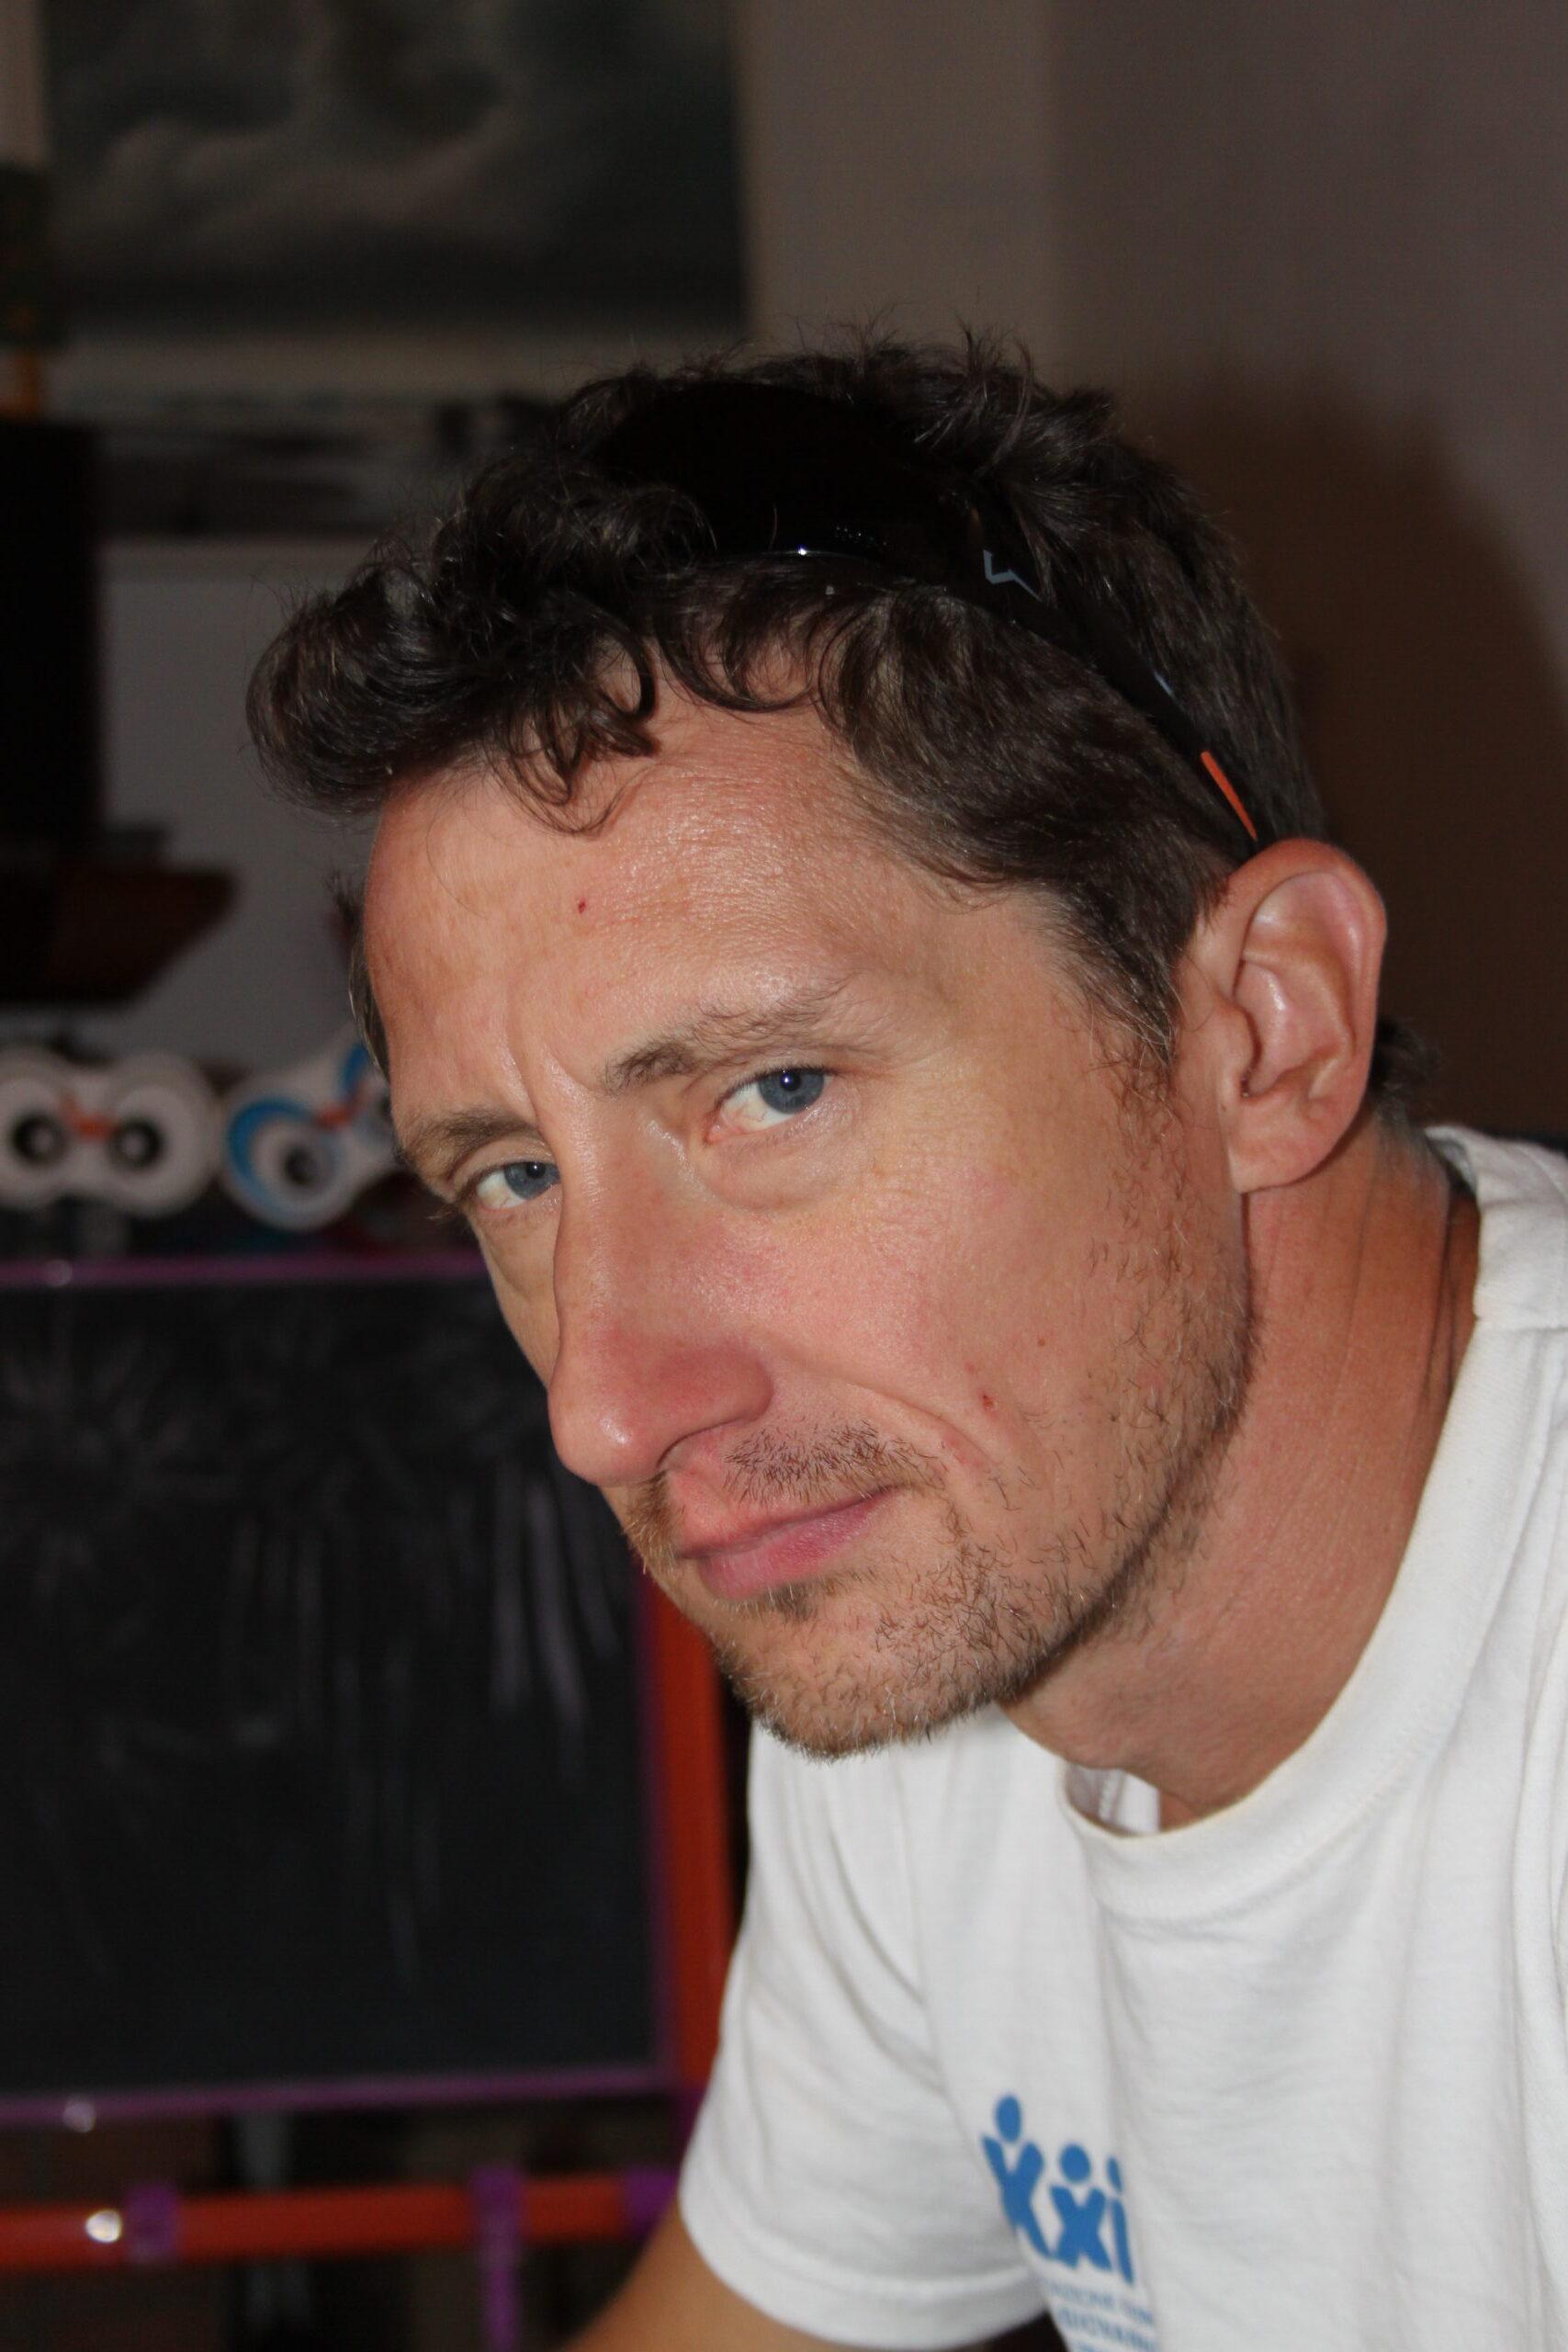 Davide Silvestri